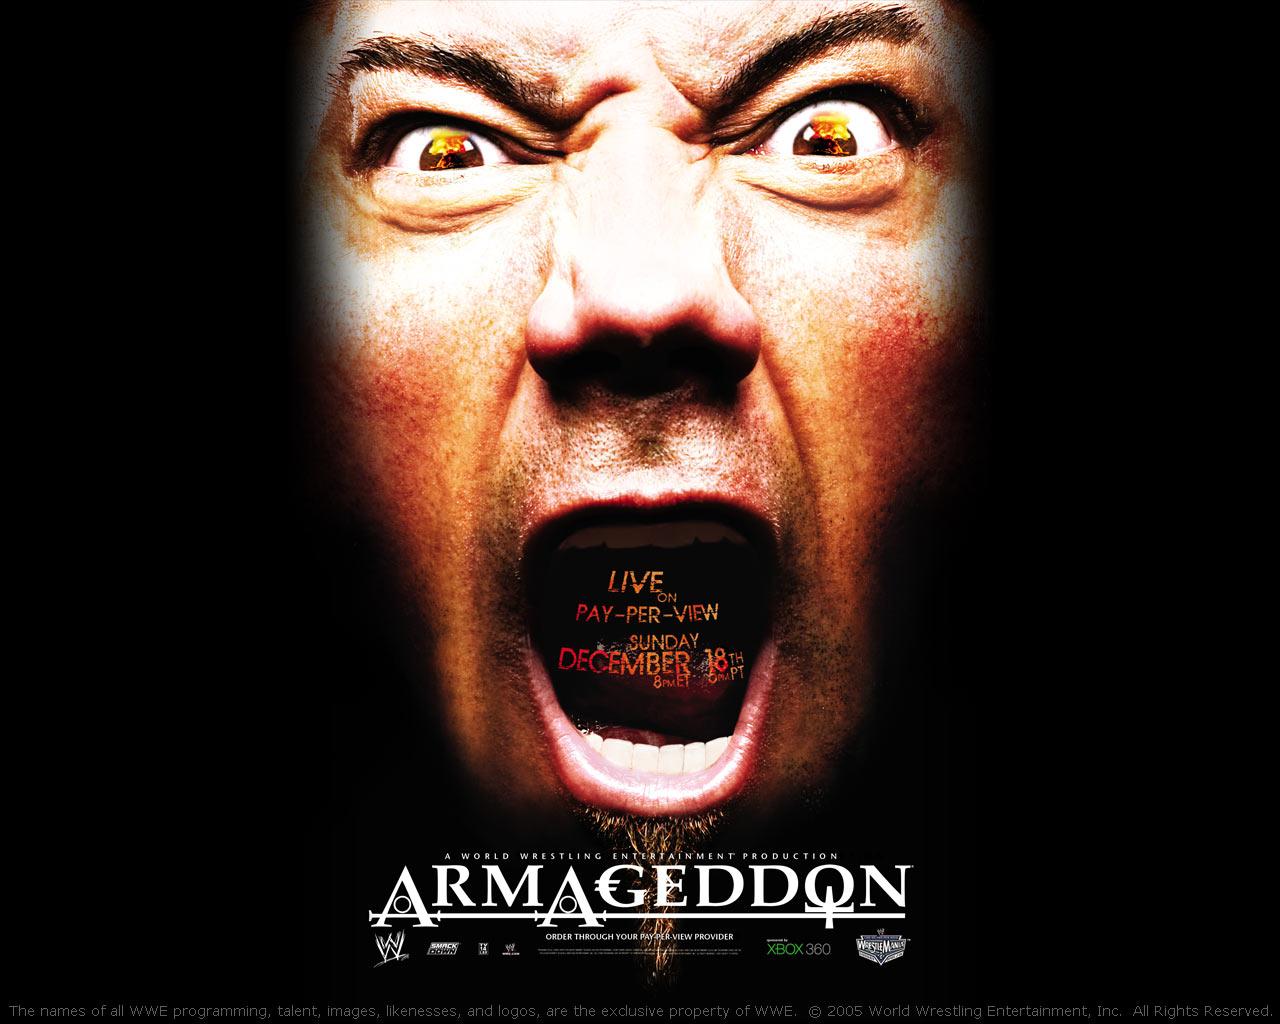 http://2.bp.blogspot.com/__UKa_QKl9dE/S-85WHwk5yI/AAAAAAAAAqM/Y_-nc_ctSvg/s1600/20051129_armageddon_1280.jpg